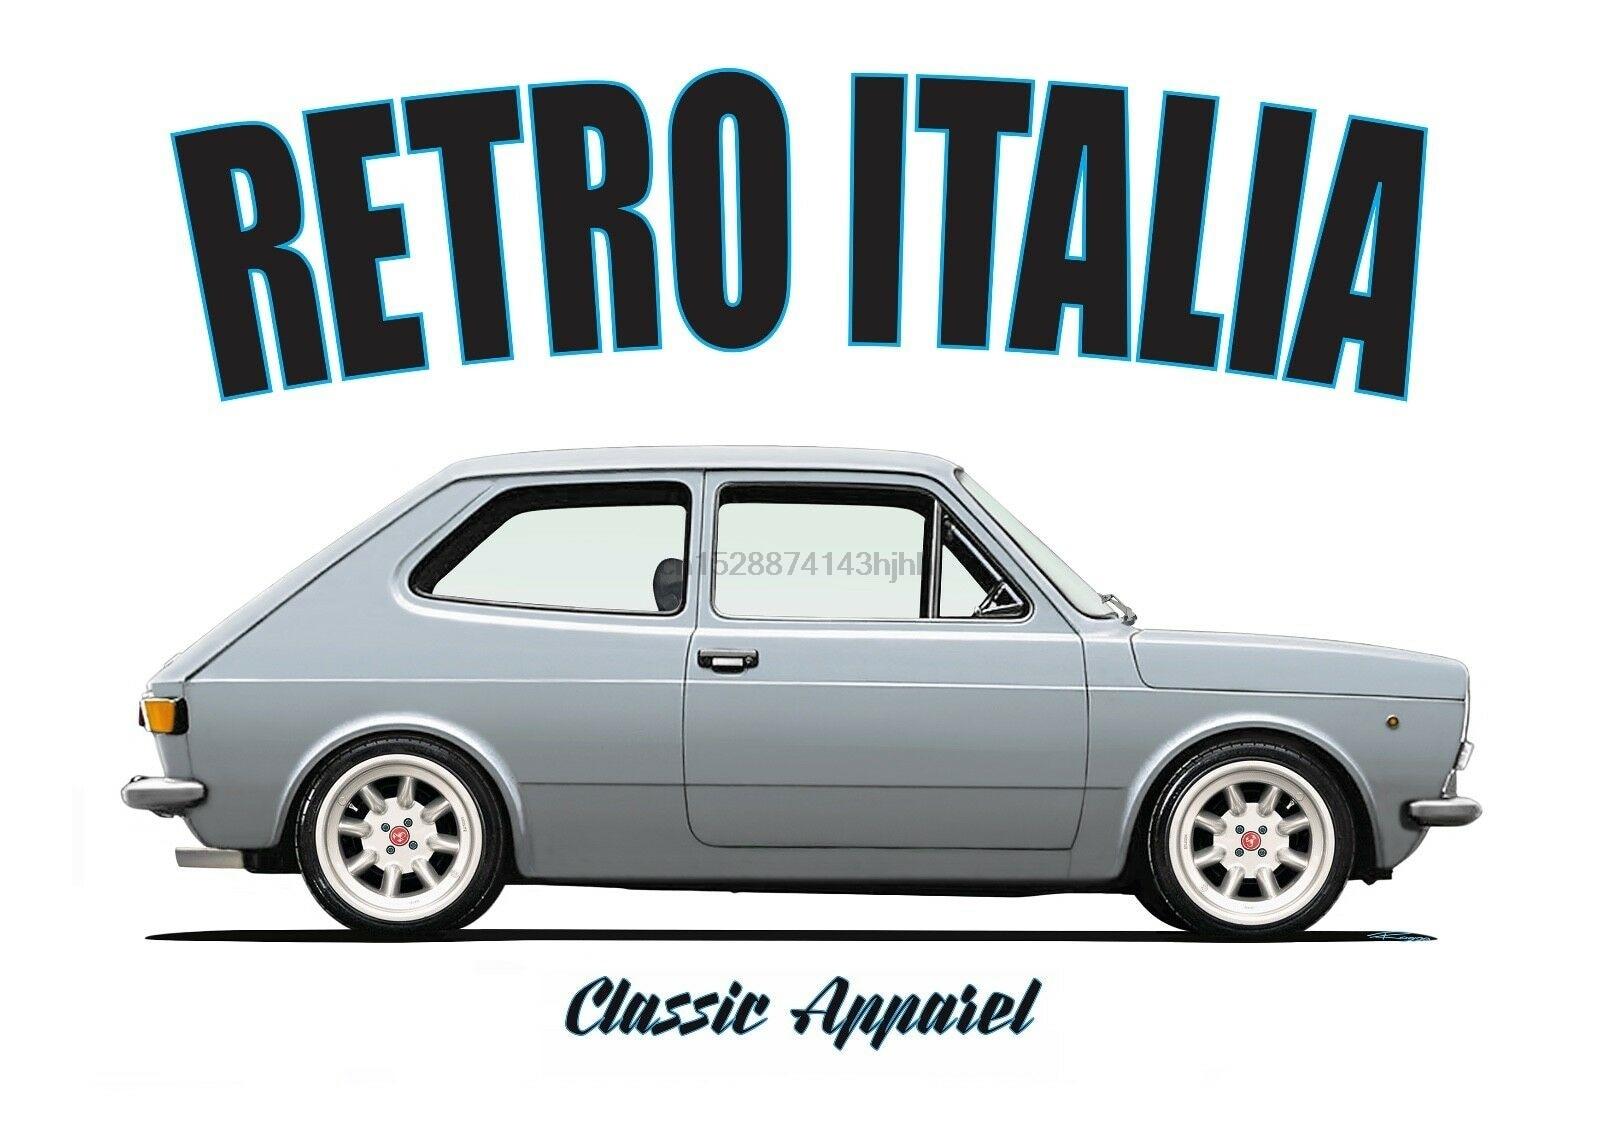 Футболка FIAT 127 SERIES 1. Ретро Италии. Классических автомобилей. ABARTH. Модифицированный|Футболки|   | АлиЭкспресс